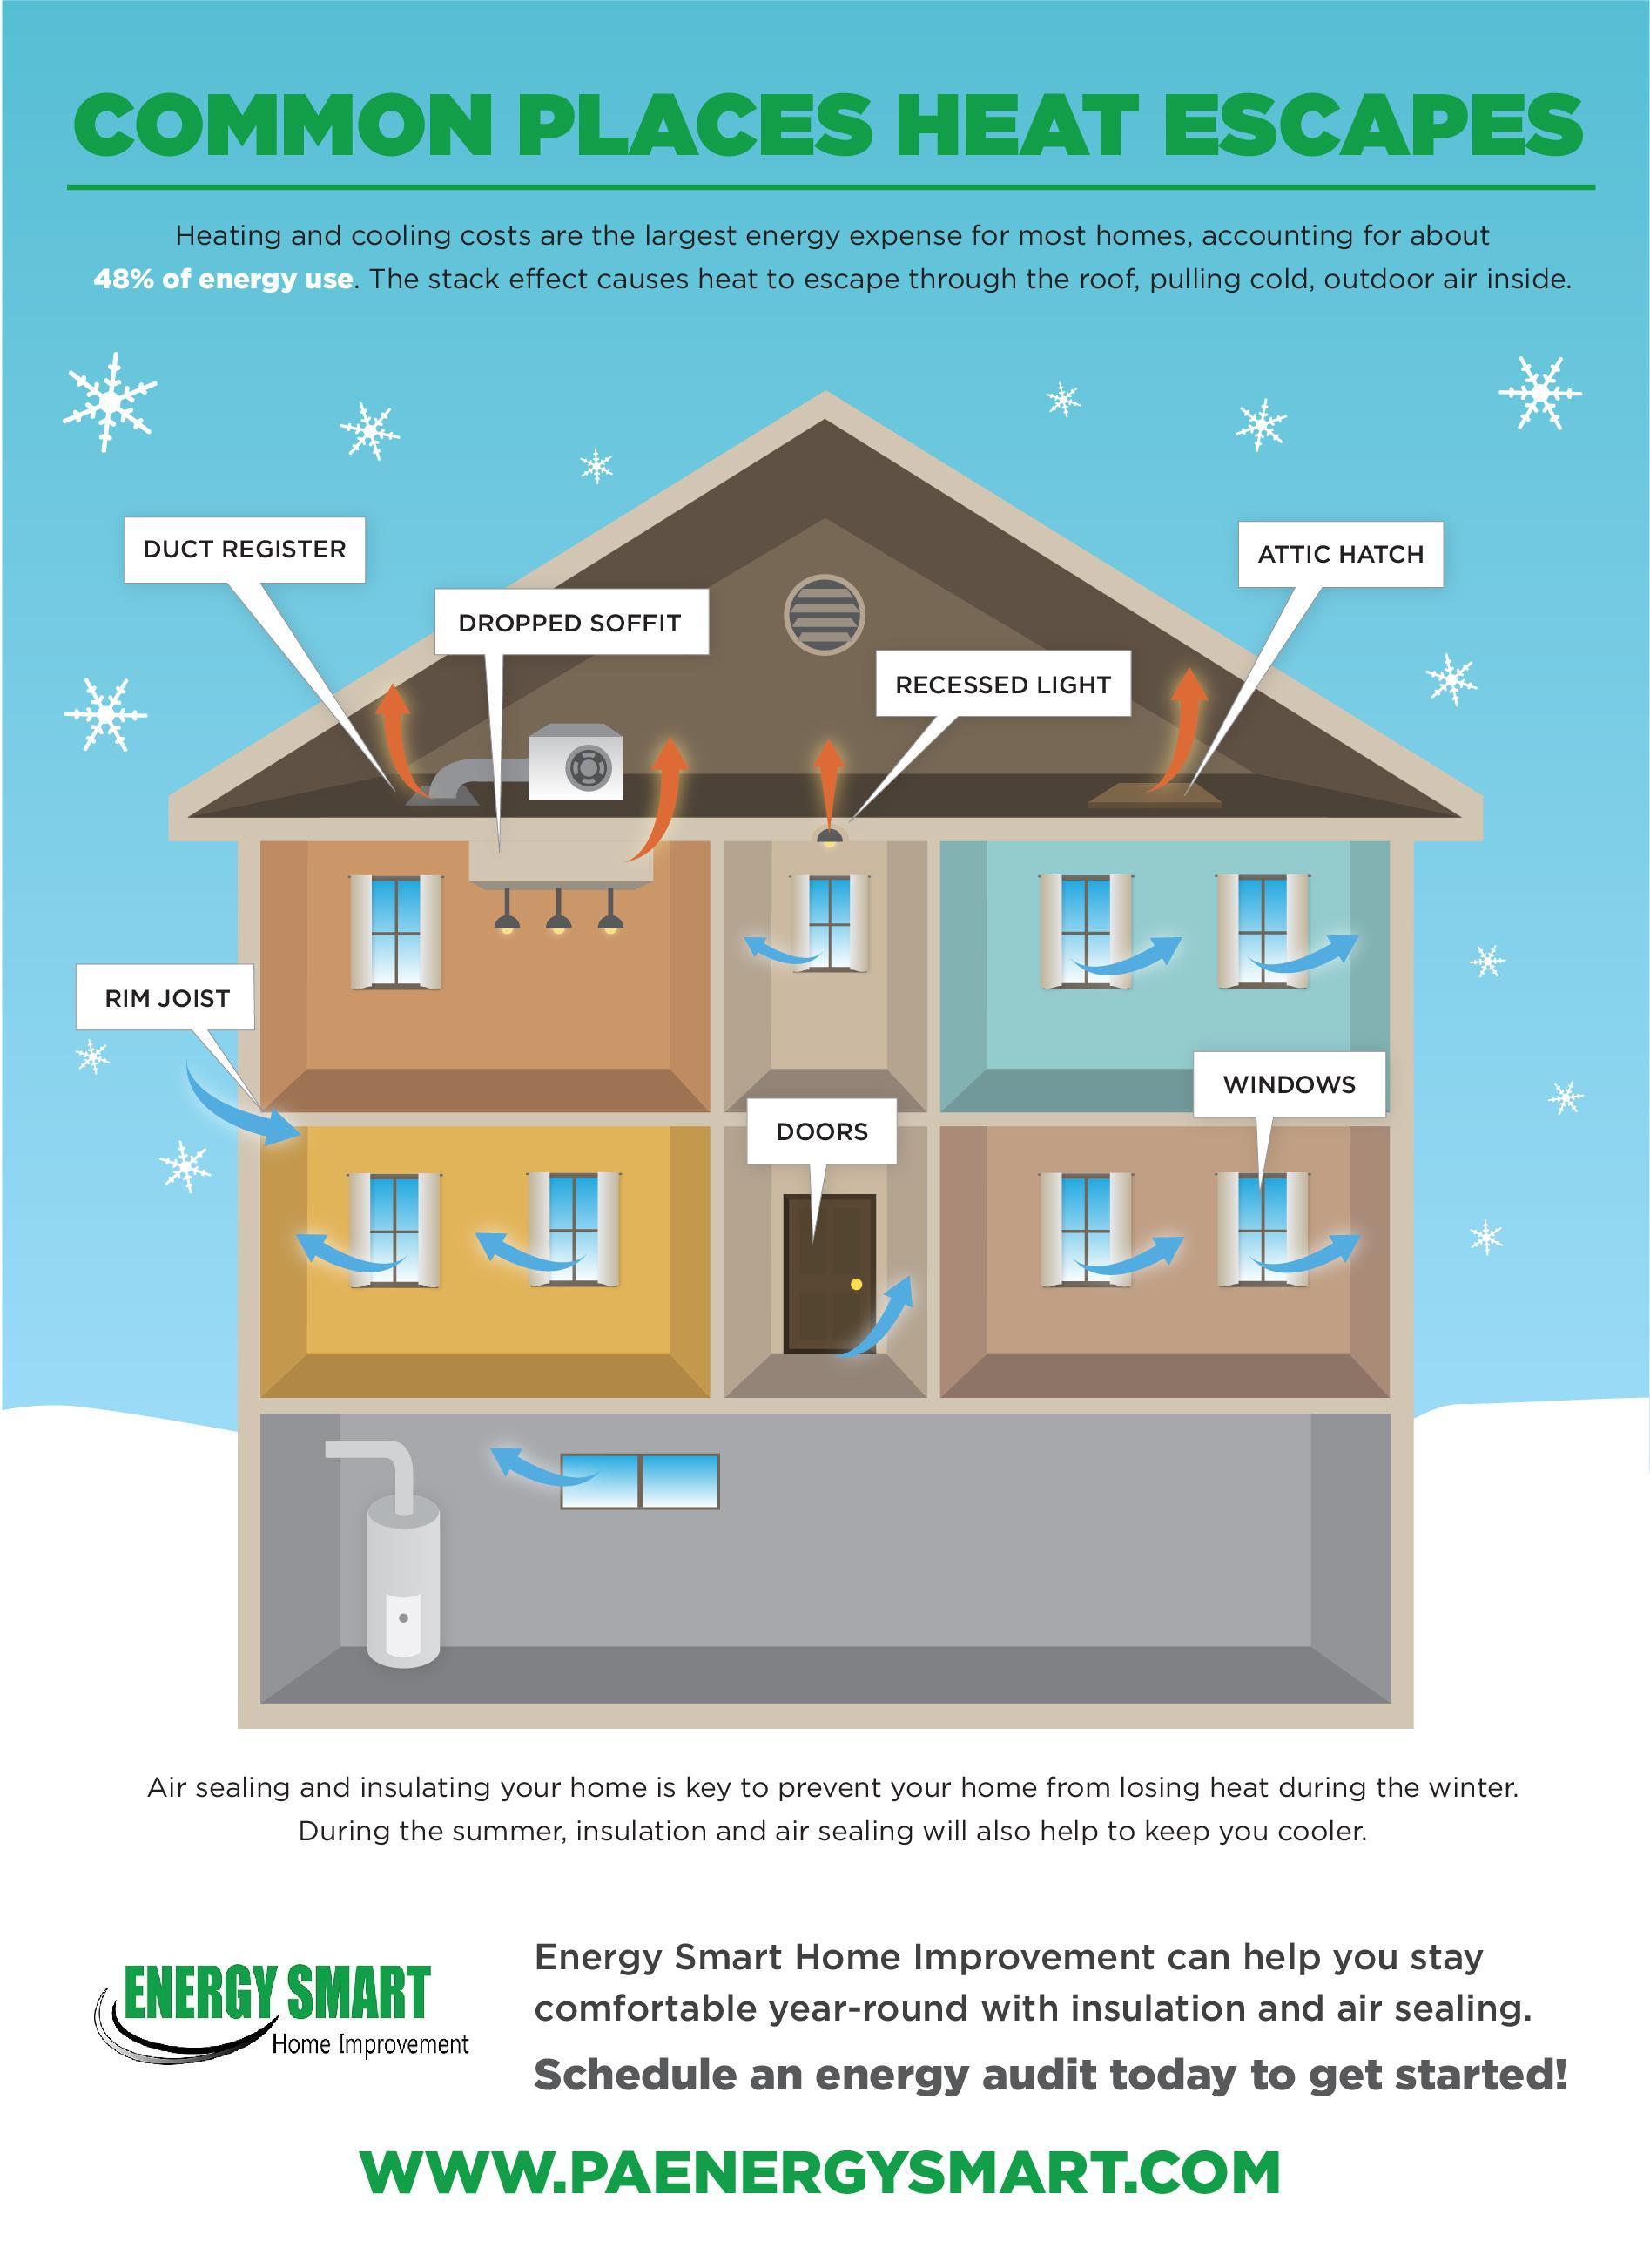 Common Places Heat Escapes Energy Smart Home Improvement